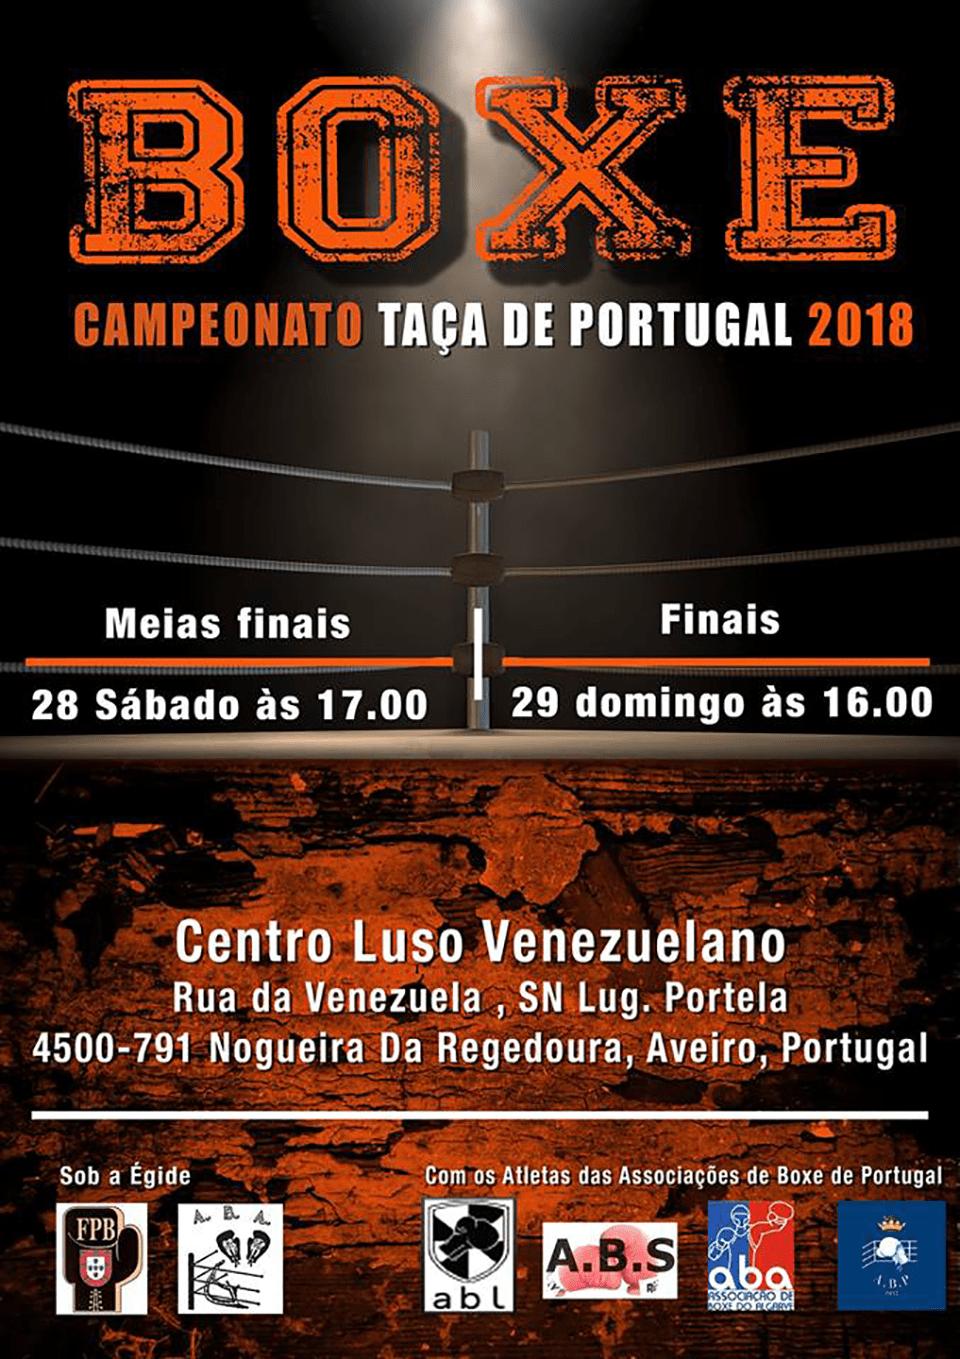 Taça de Portugal 2018